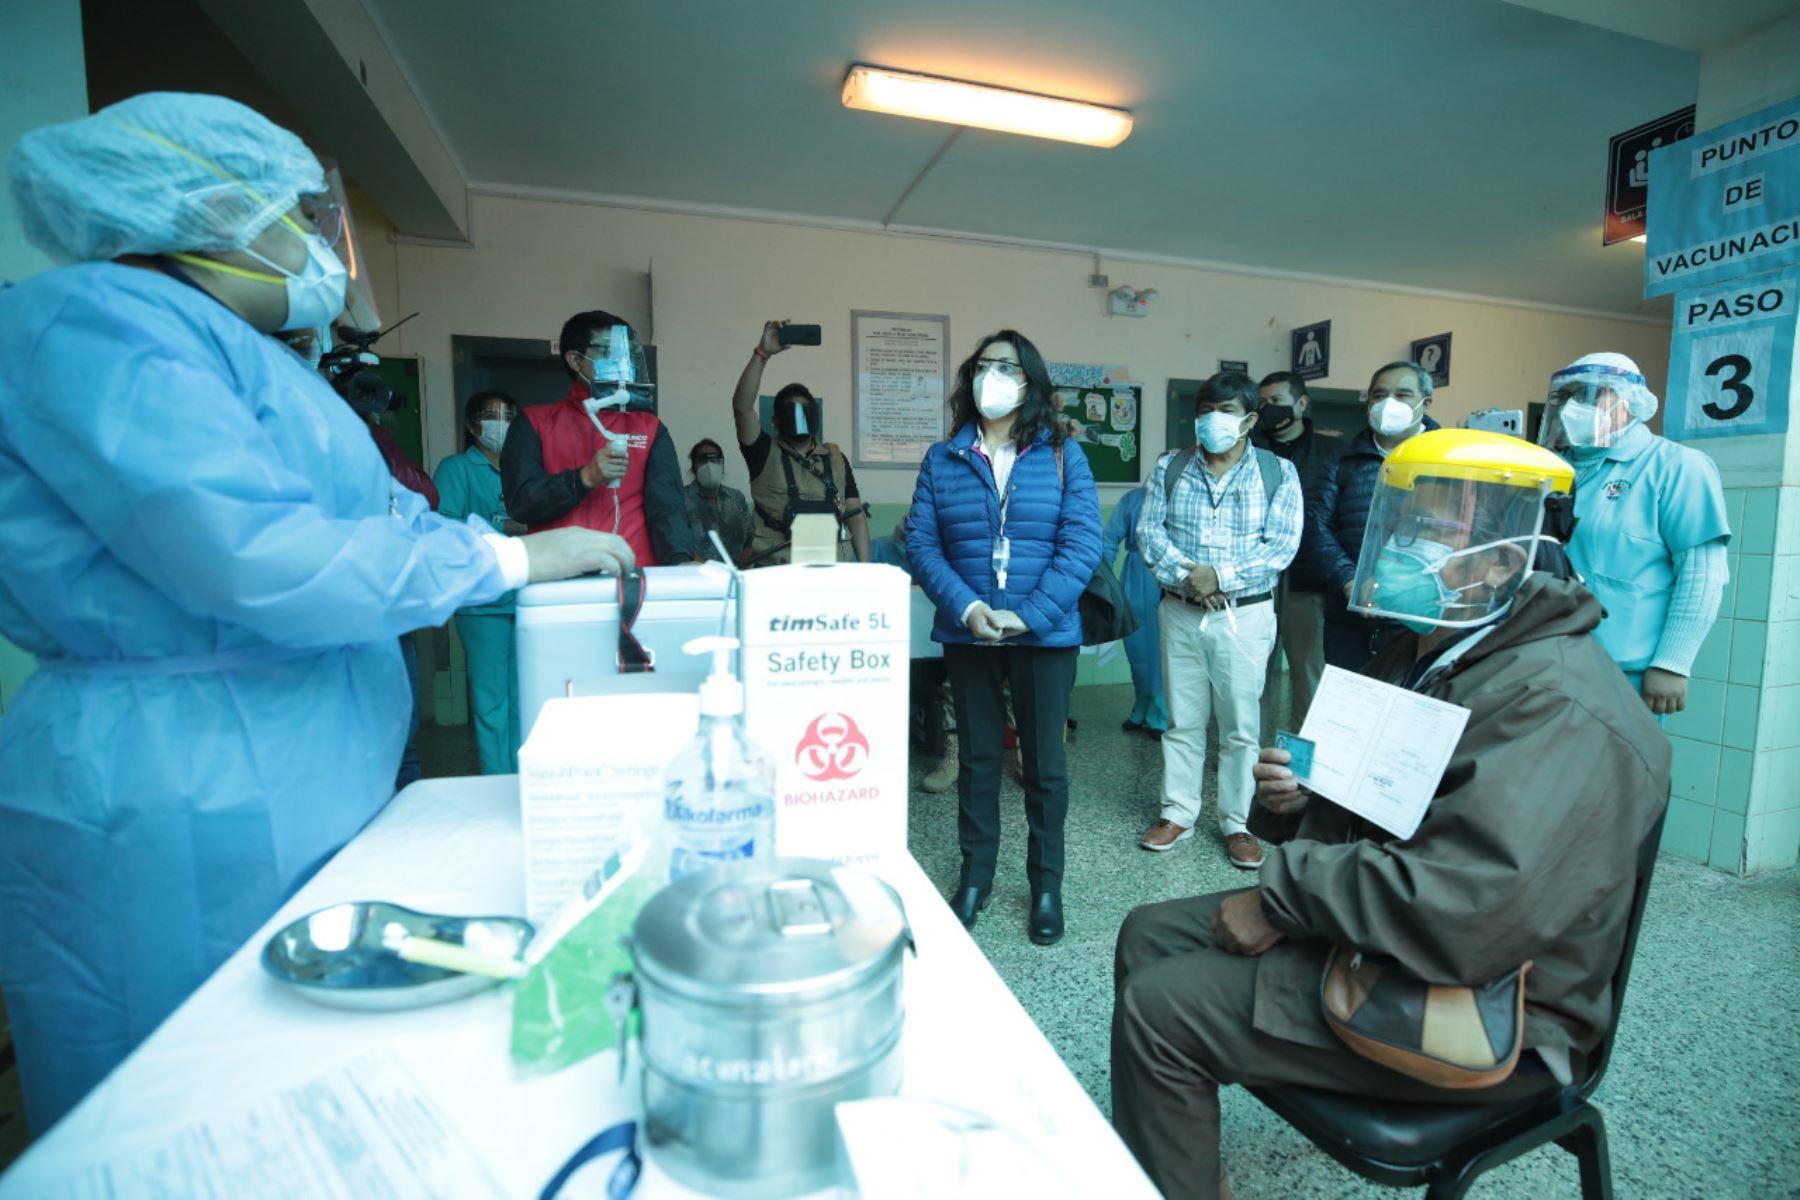 violeta-bermudez-asiste-a-instalacion-de-comando-regional-de-vacunacion-en-cusco